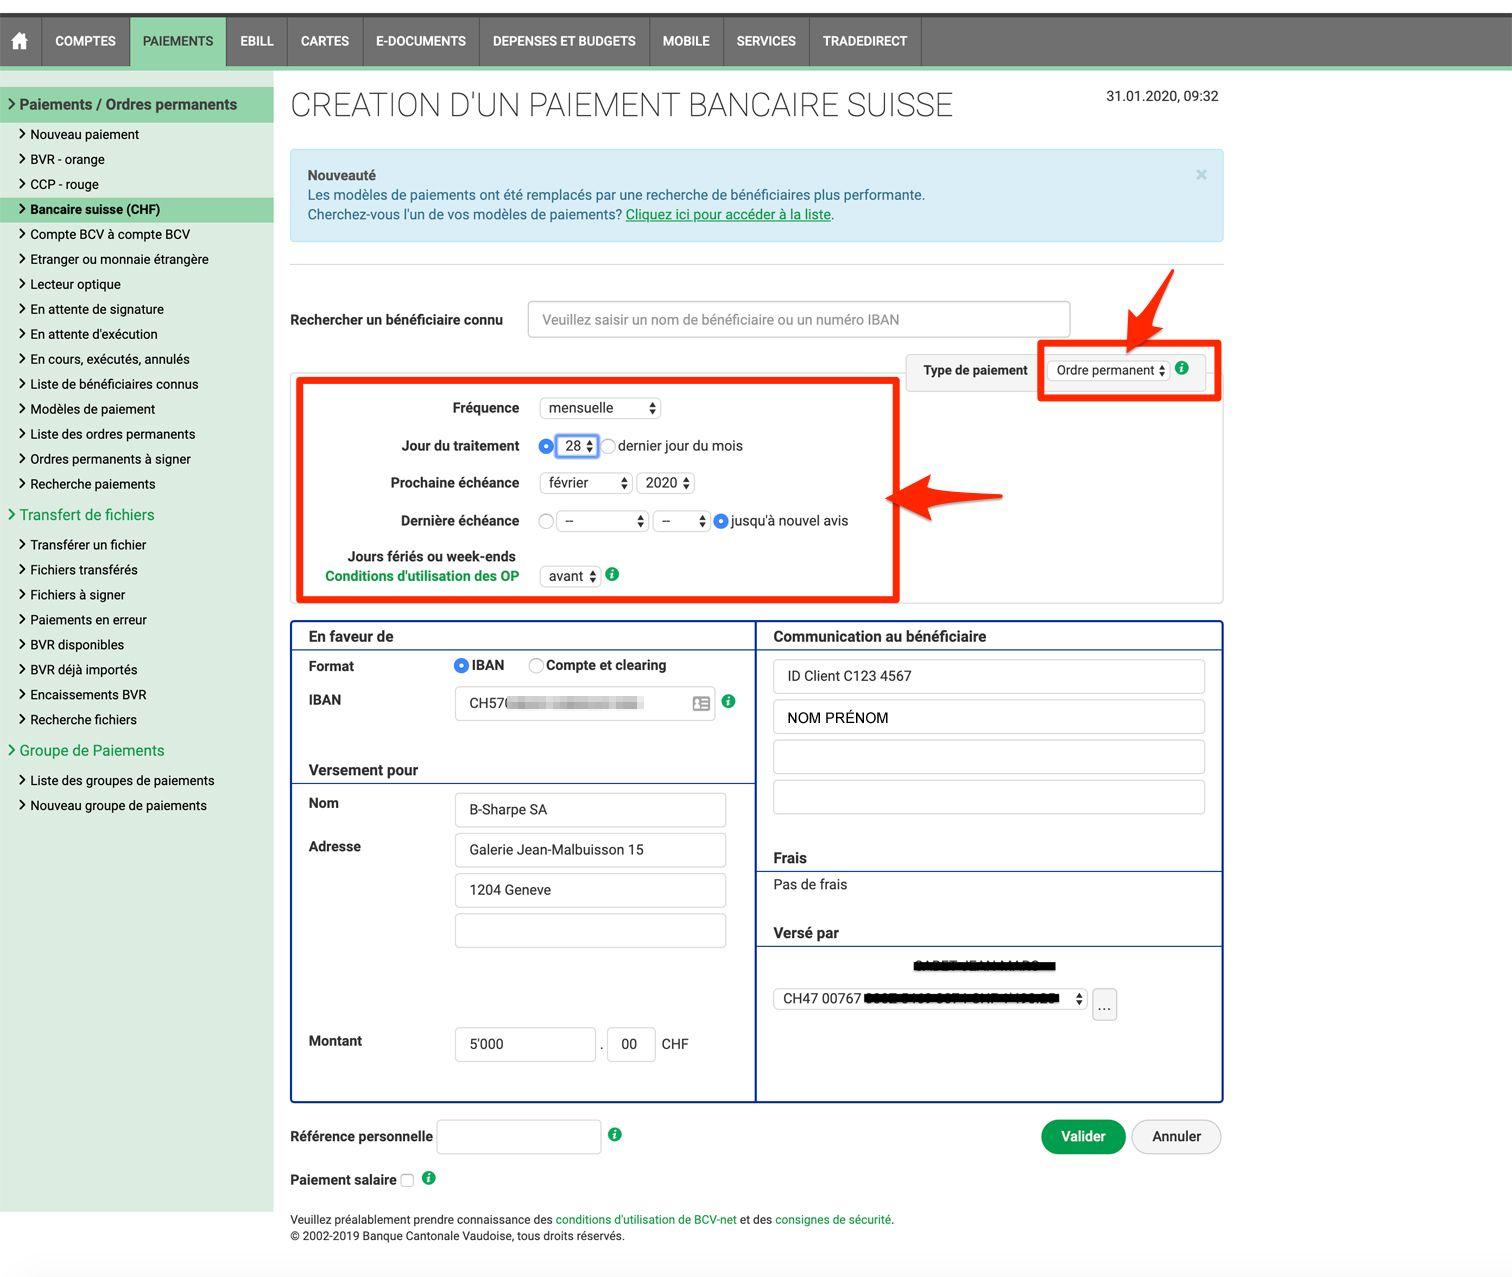 faire un ordre permanent sur BCV net